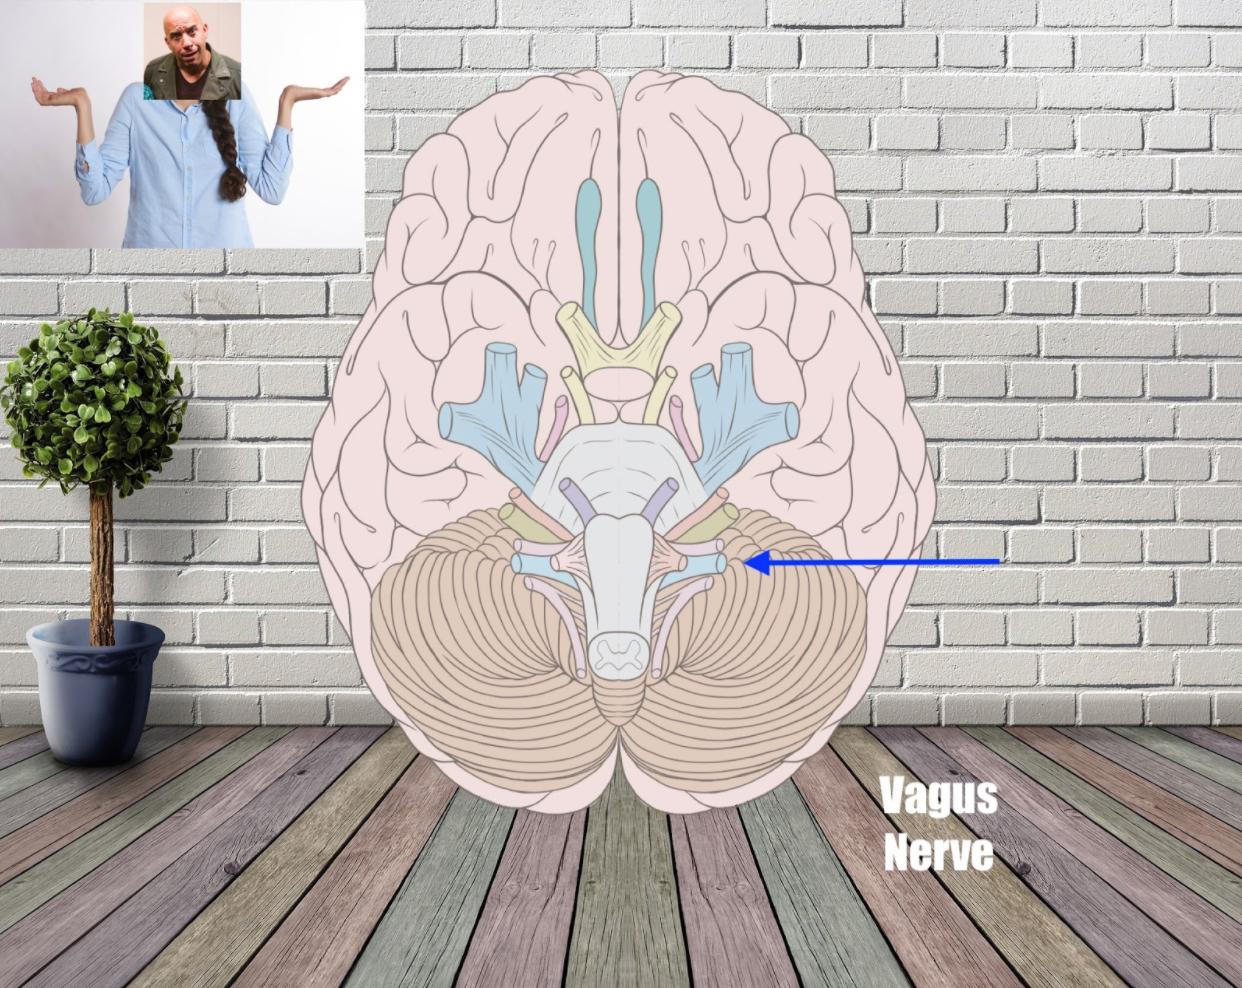 vagus nerve mnemonic example